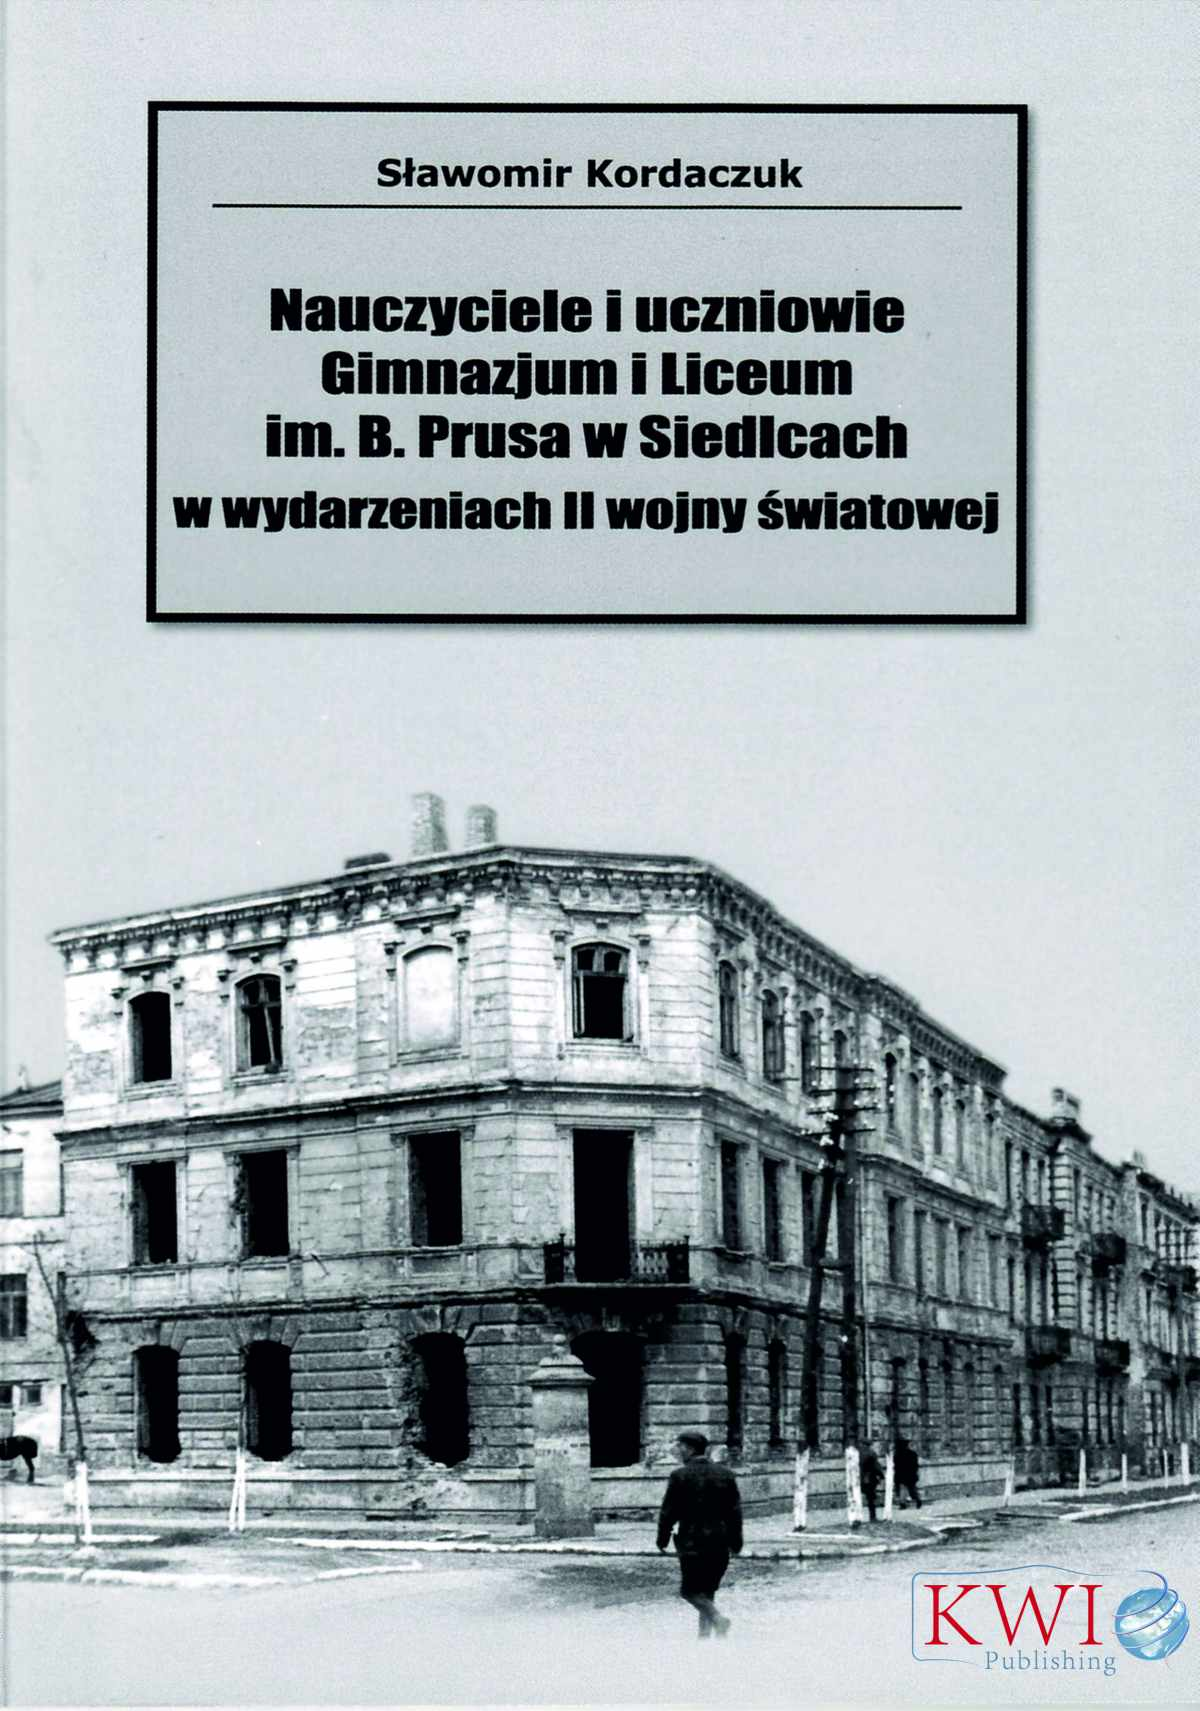 Nauczyciele i uczniowie Gminazjum i Liceum im. B. Prusa w Siedlcach - Ebook (Książka PDF) do pobrania w formacie PDF